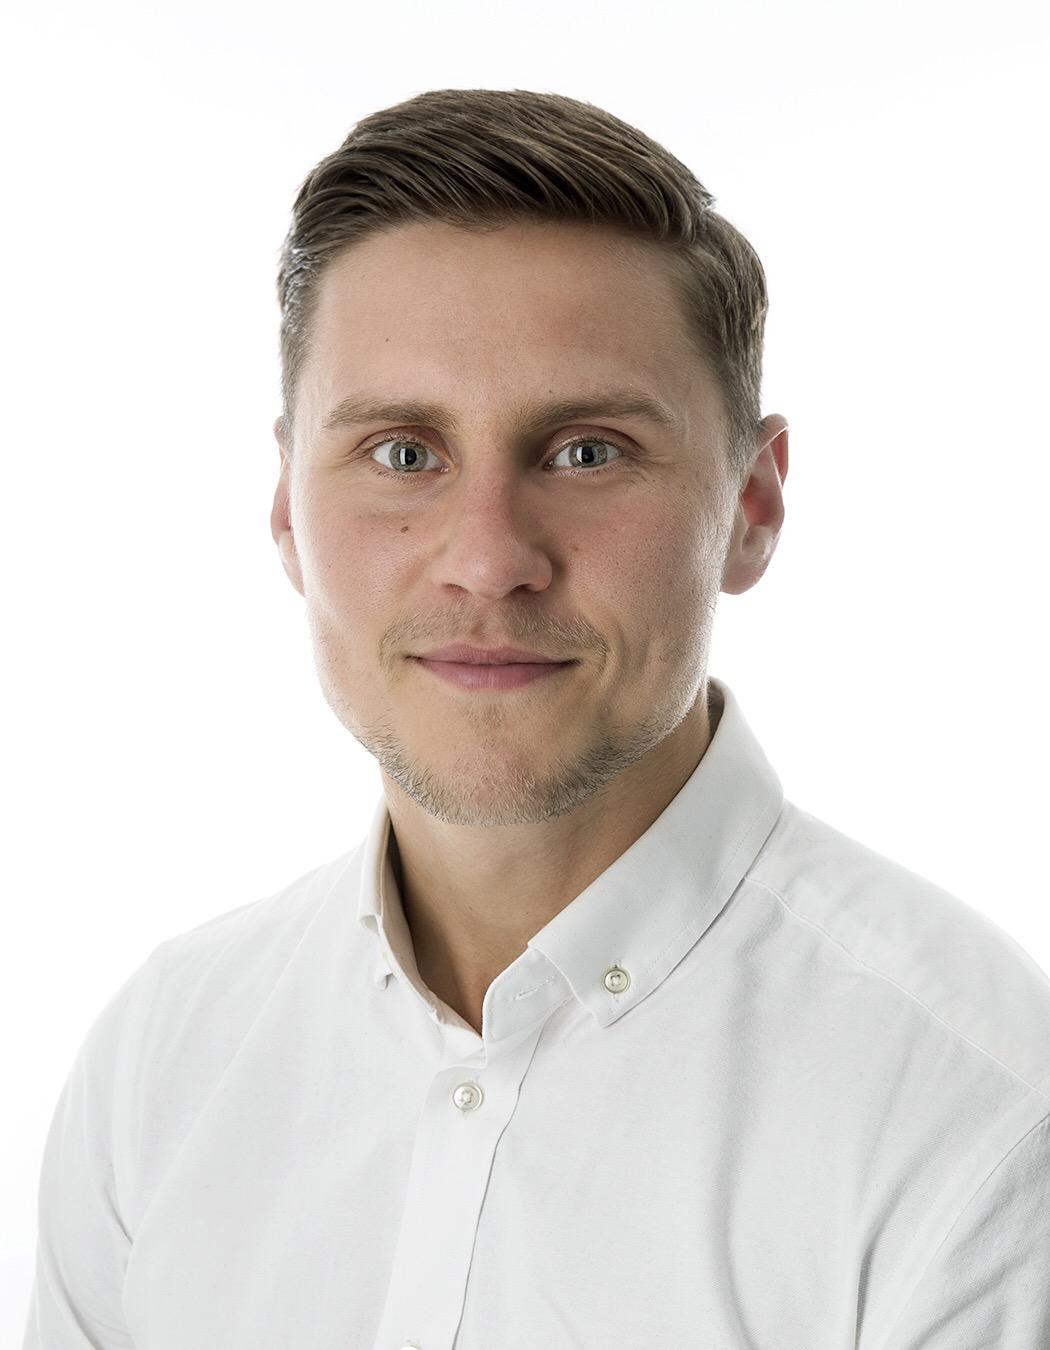 Þjálfunarsálfræði - Hverju viltu vinna að?